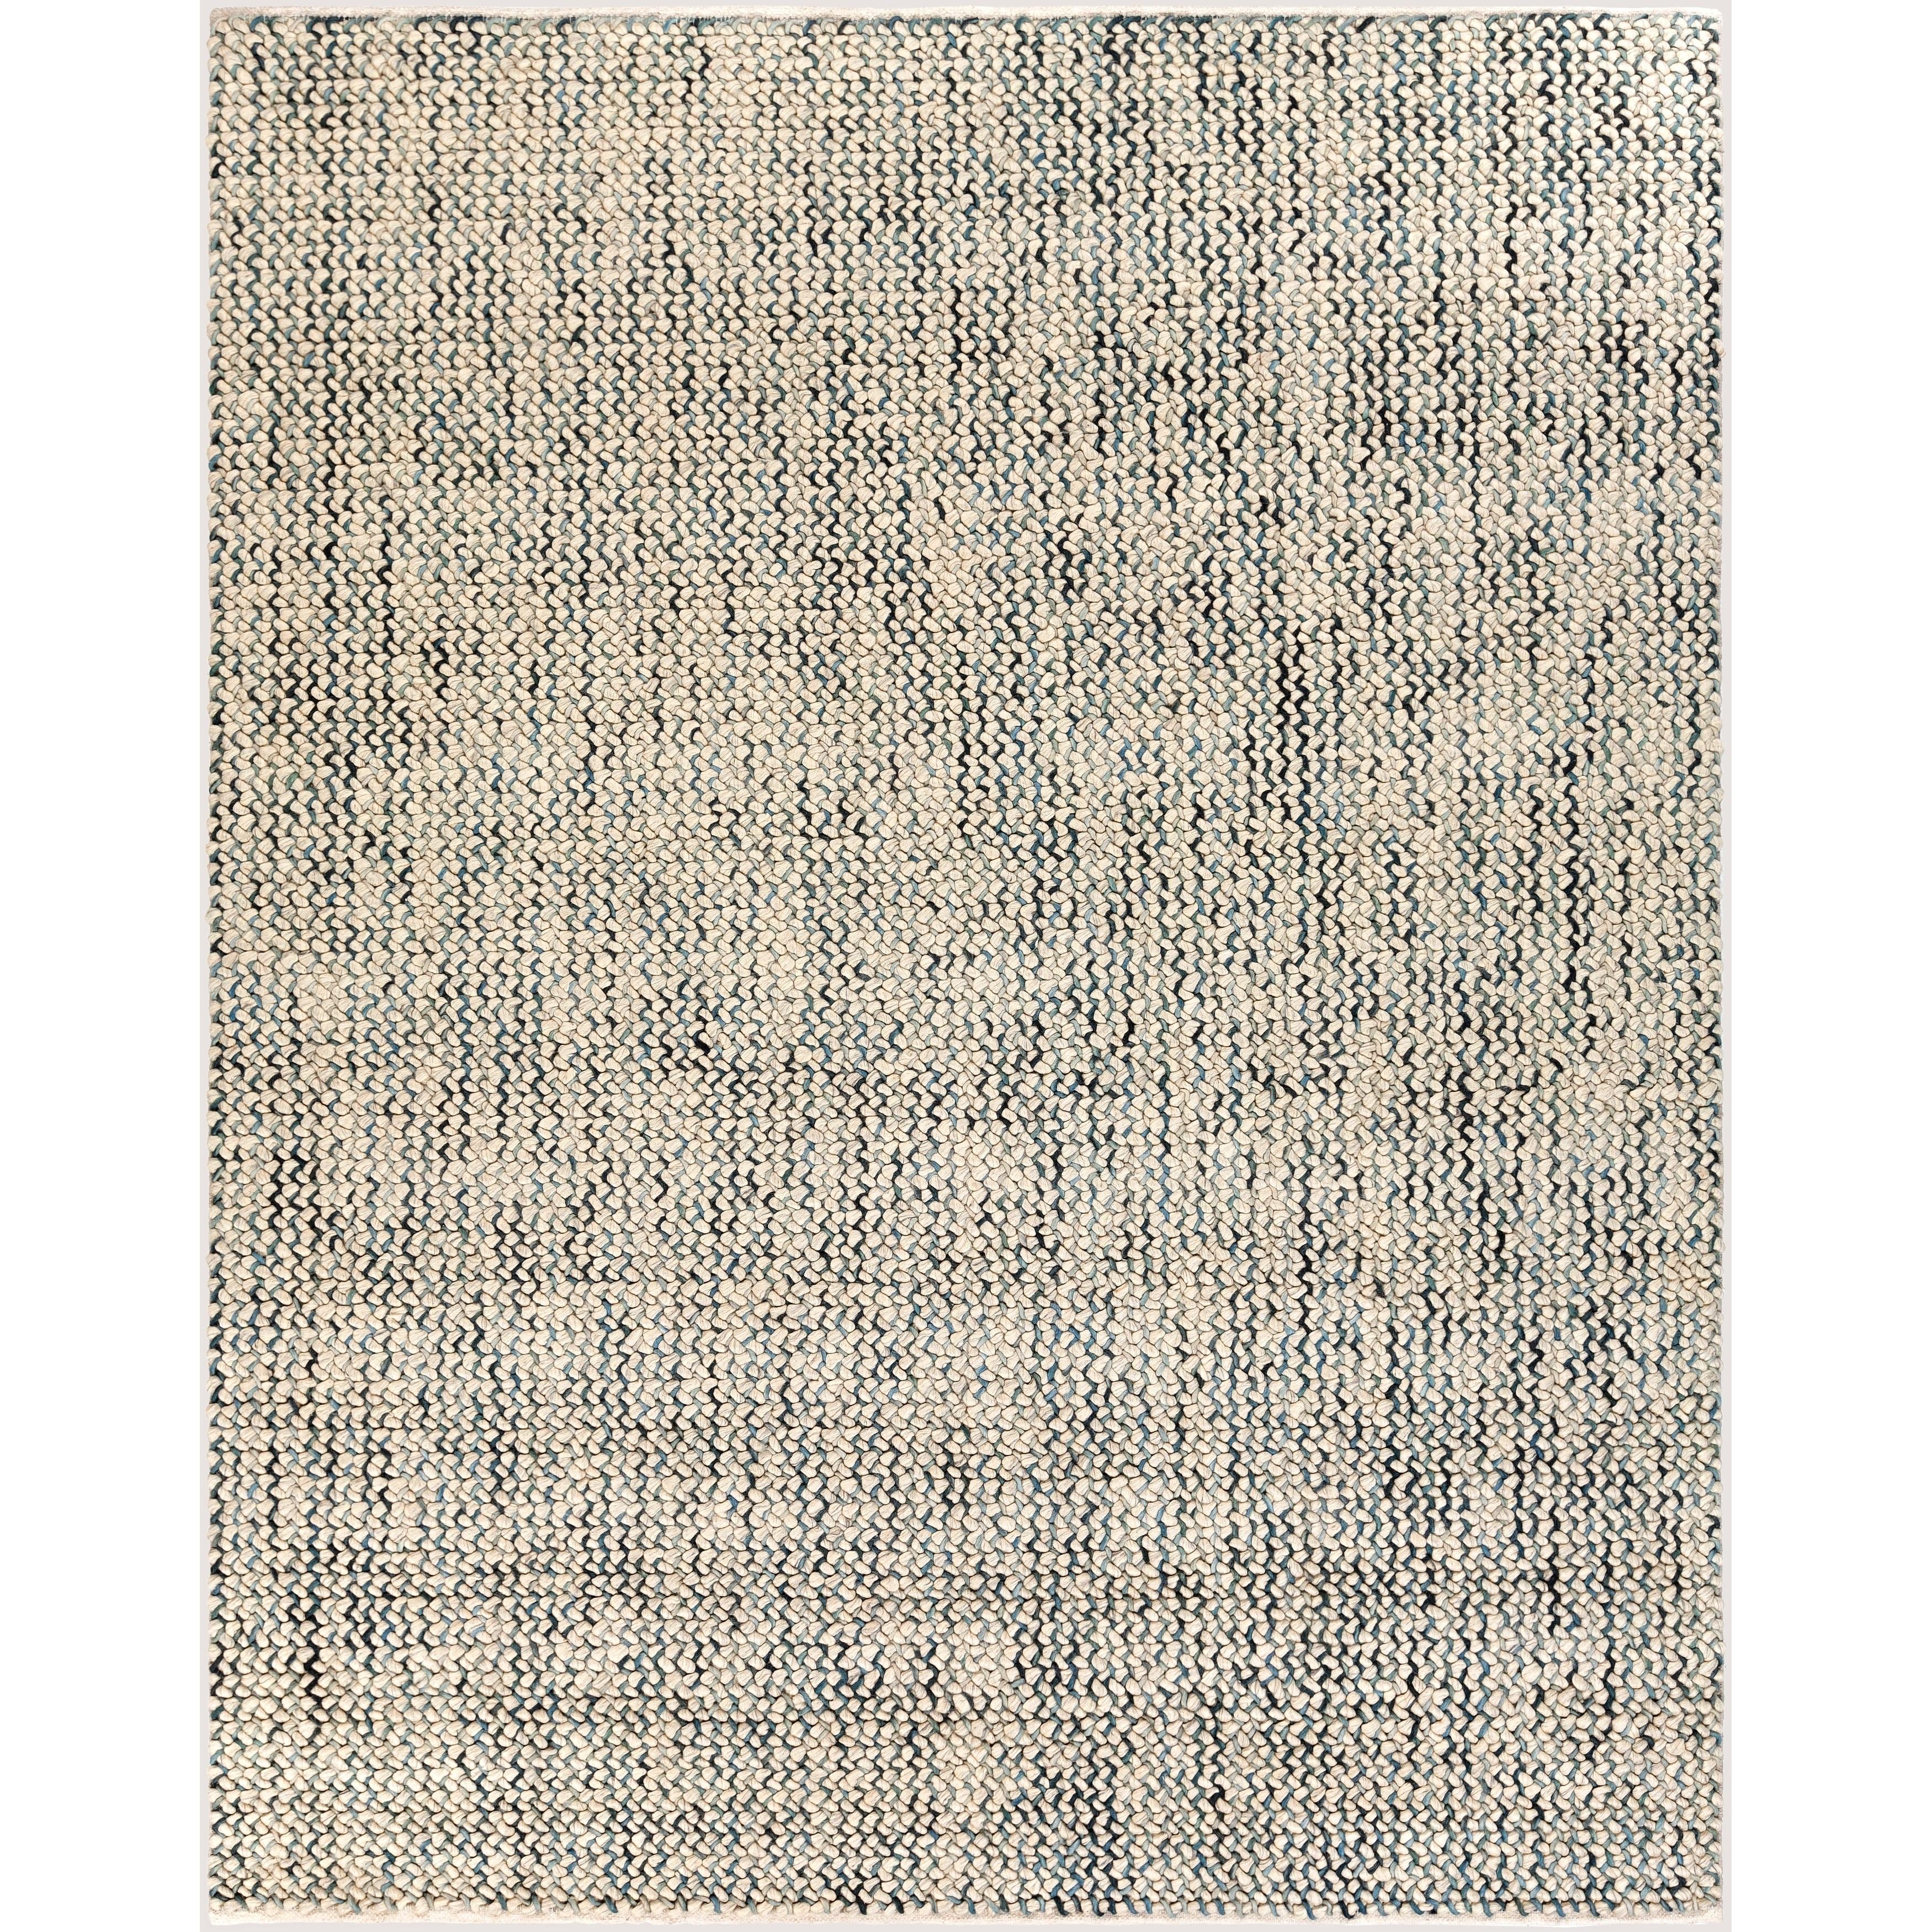 Carson Carrington Mo I Rana Hand Woven Wool Viscose Area Rug 8 X 10 Overstock 21247865